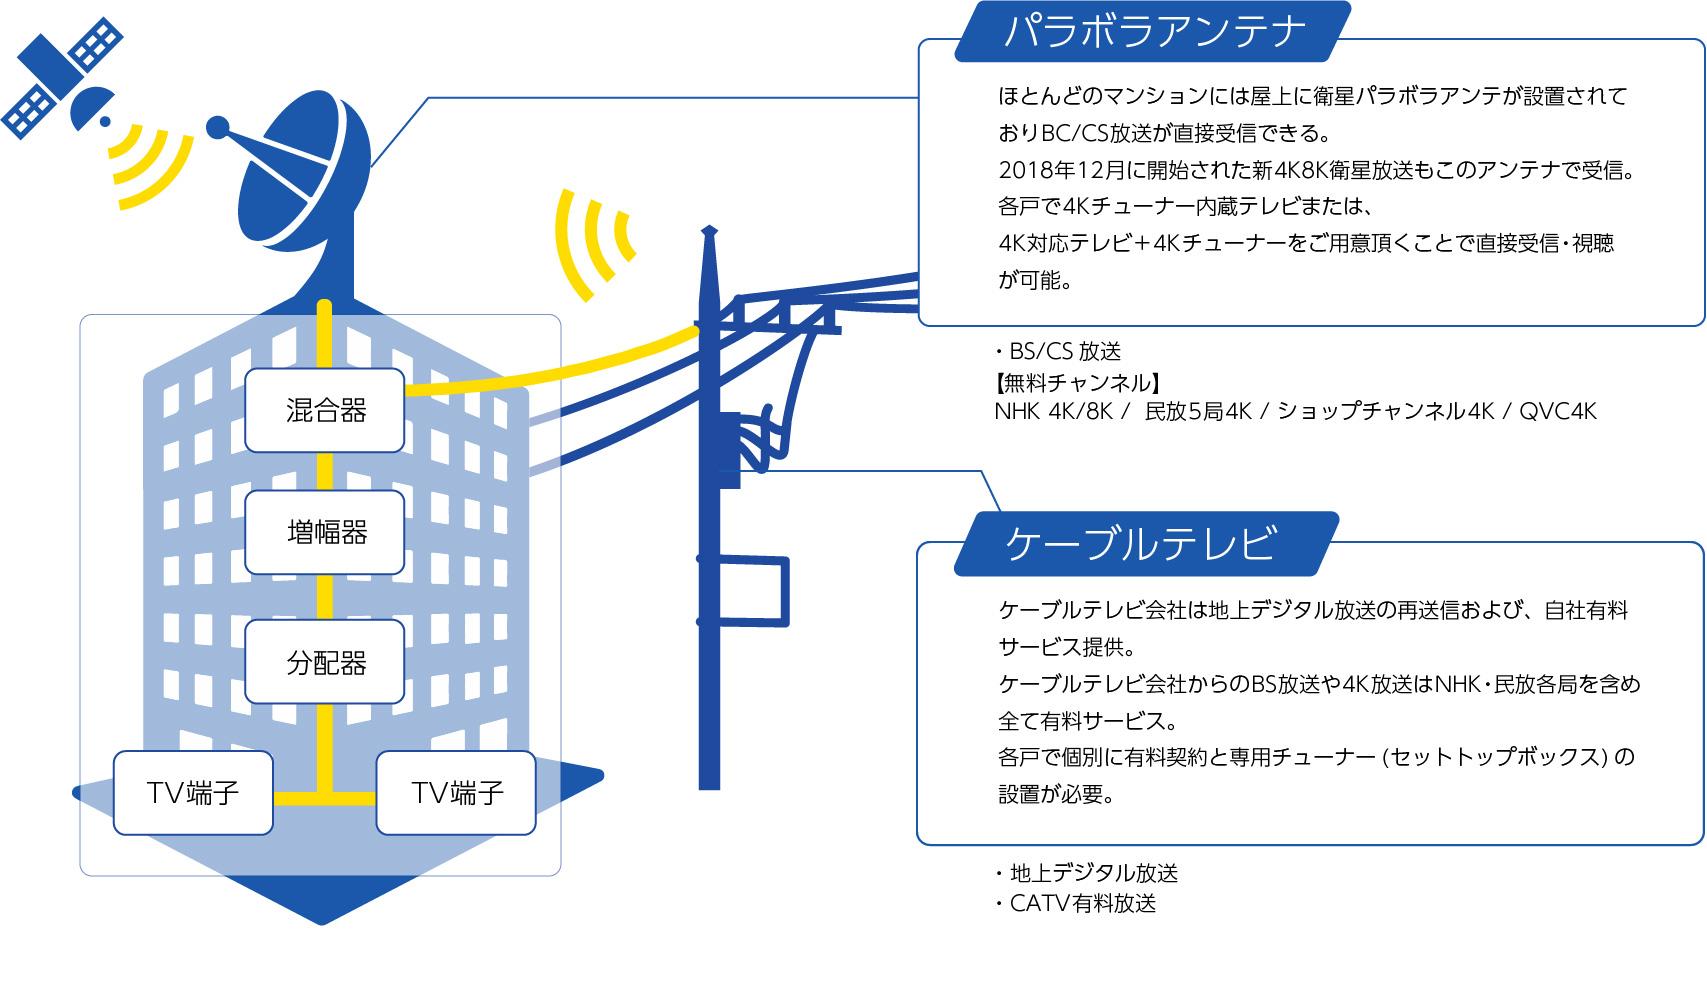 衛星放送について | 協栄メンテナンスシステム株式会社